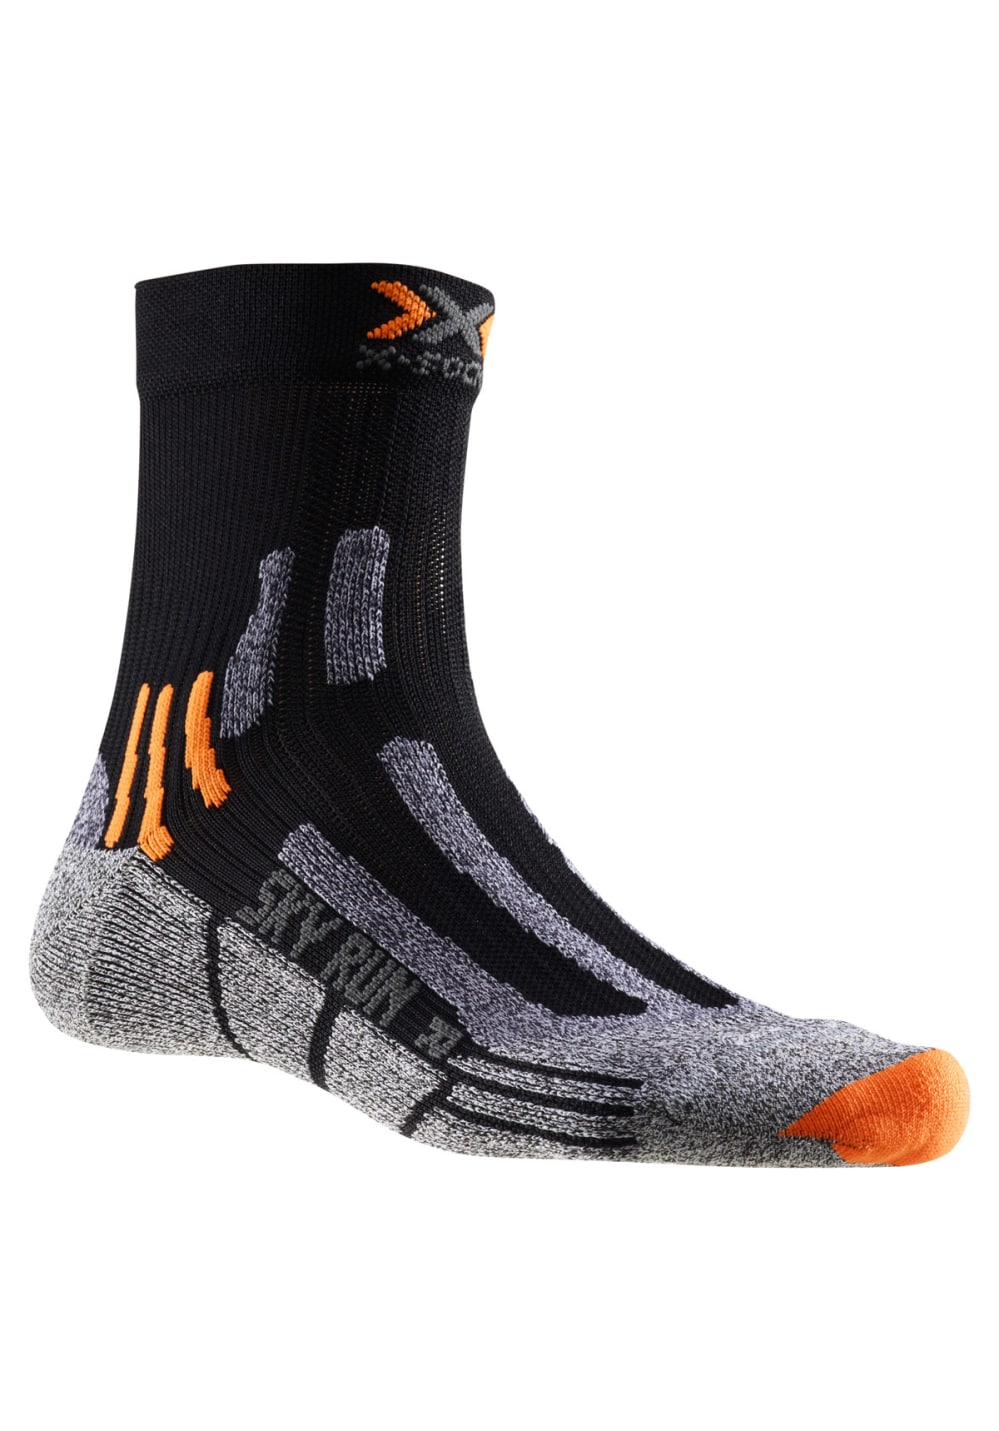 X-Socks Sky Run Two Laufsocken - Schwarz